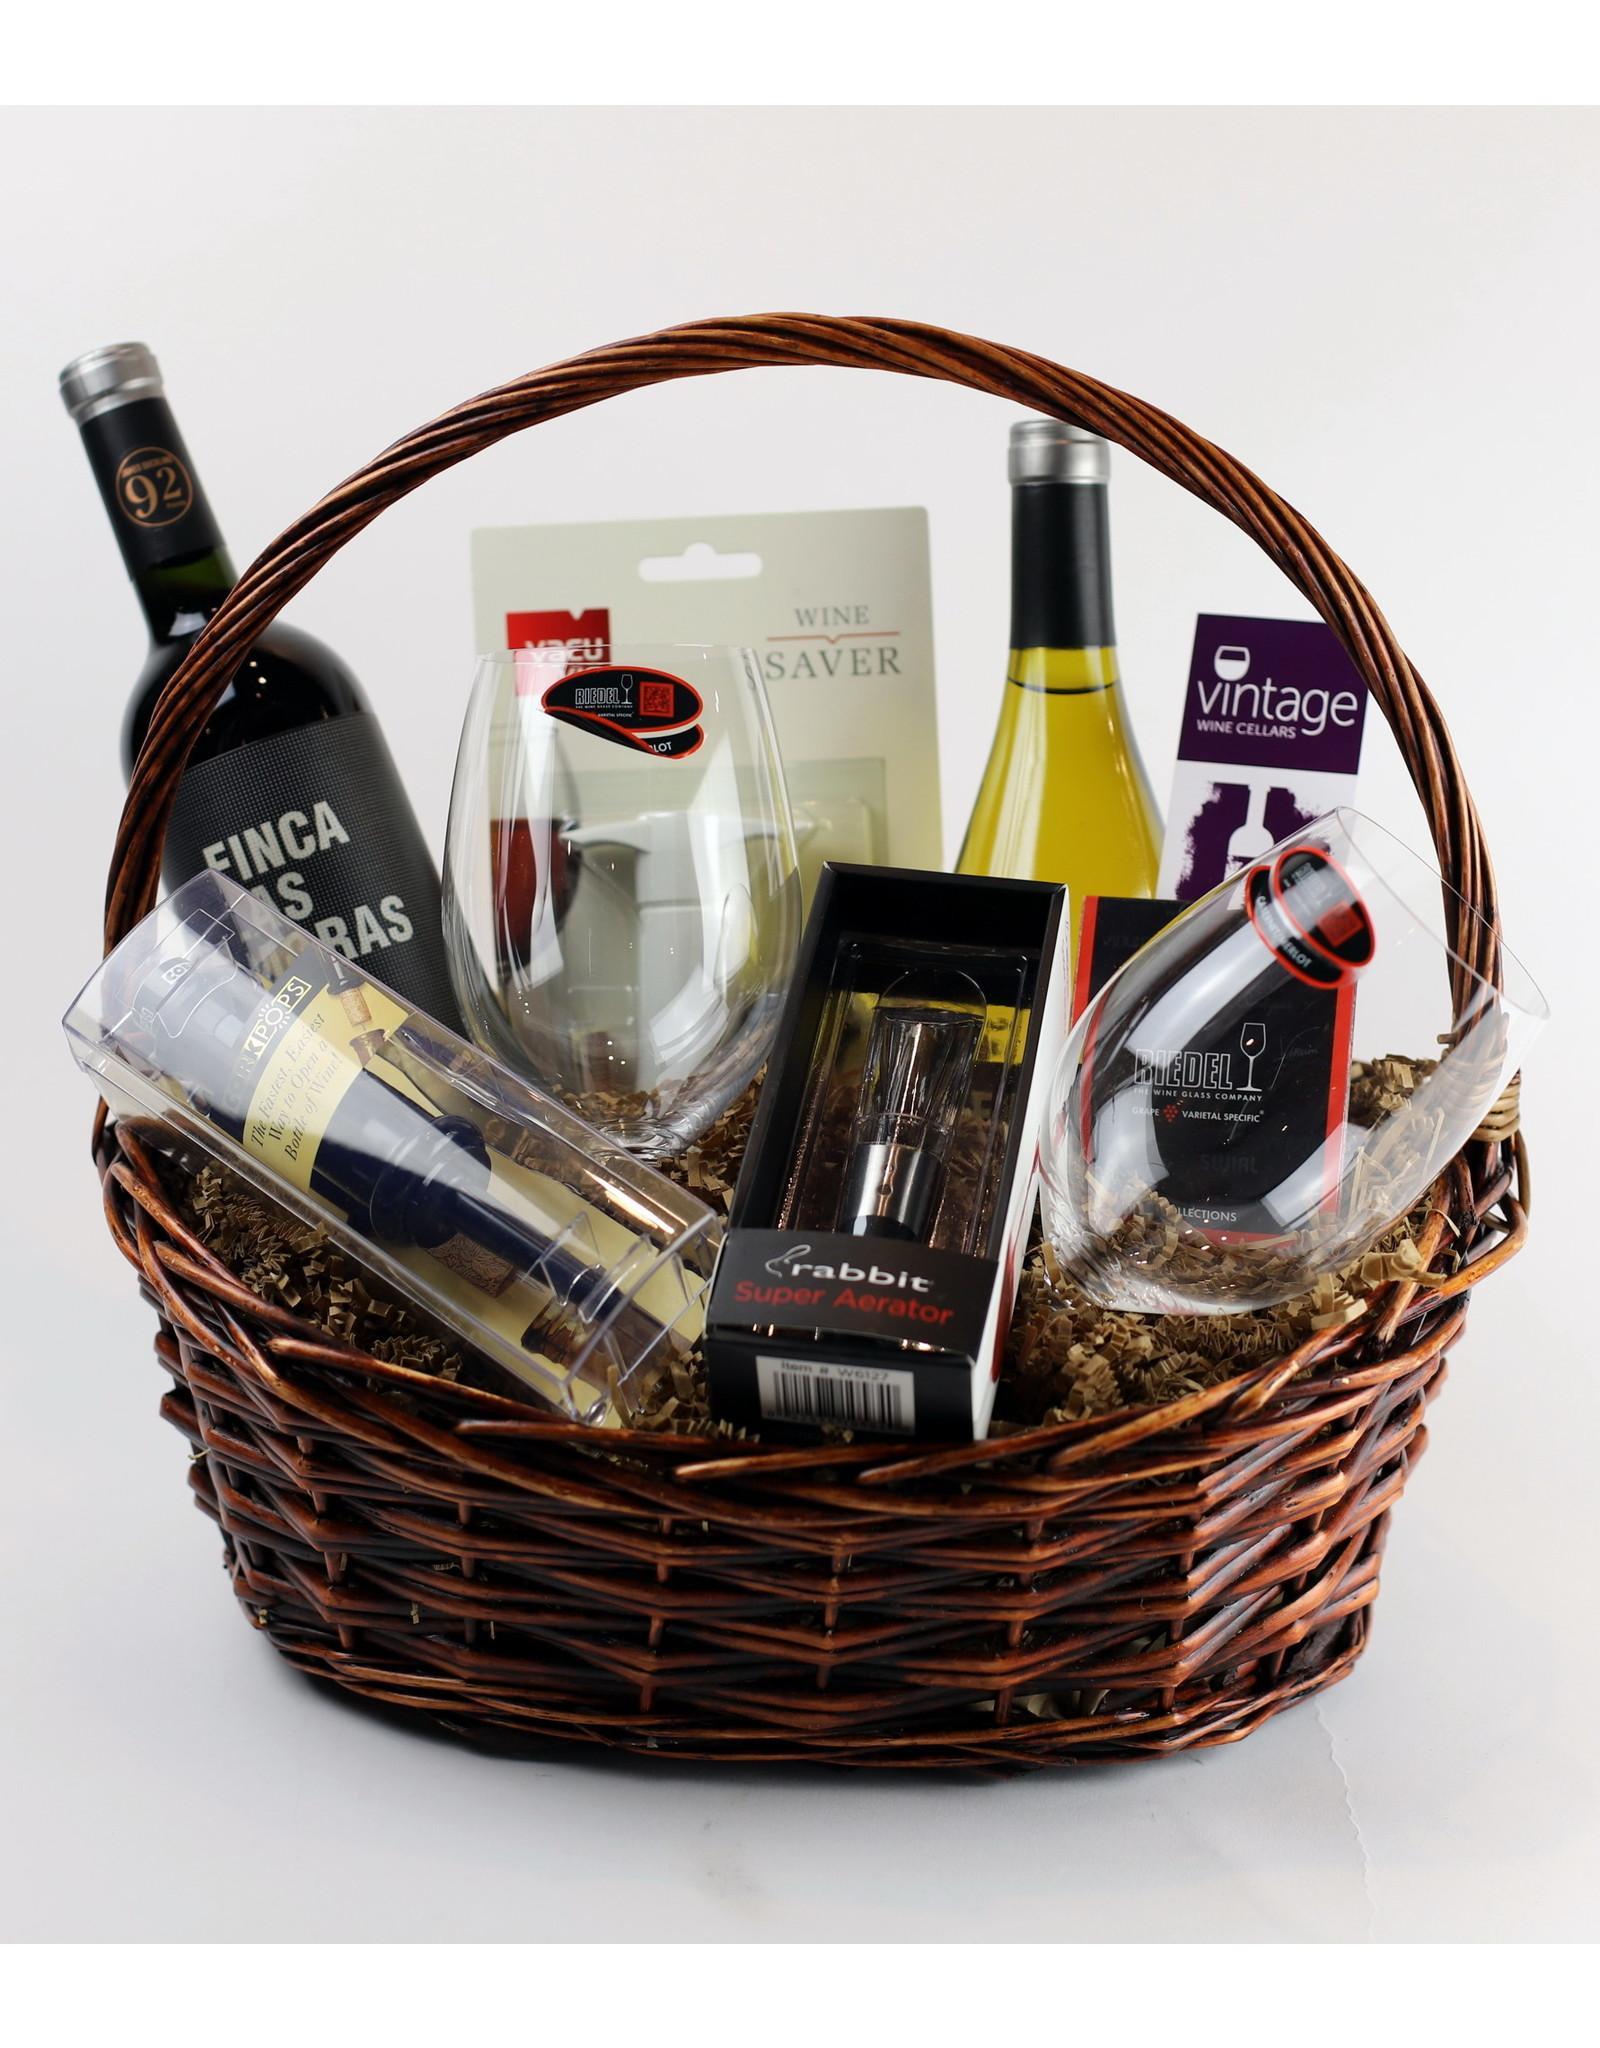 Vintage Wine Cellars Wine Essentials Gift Basket